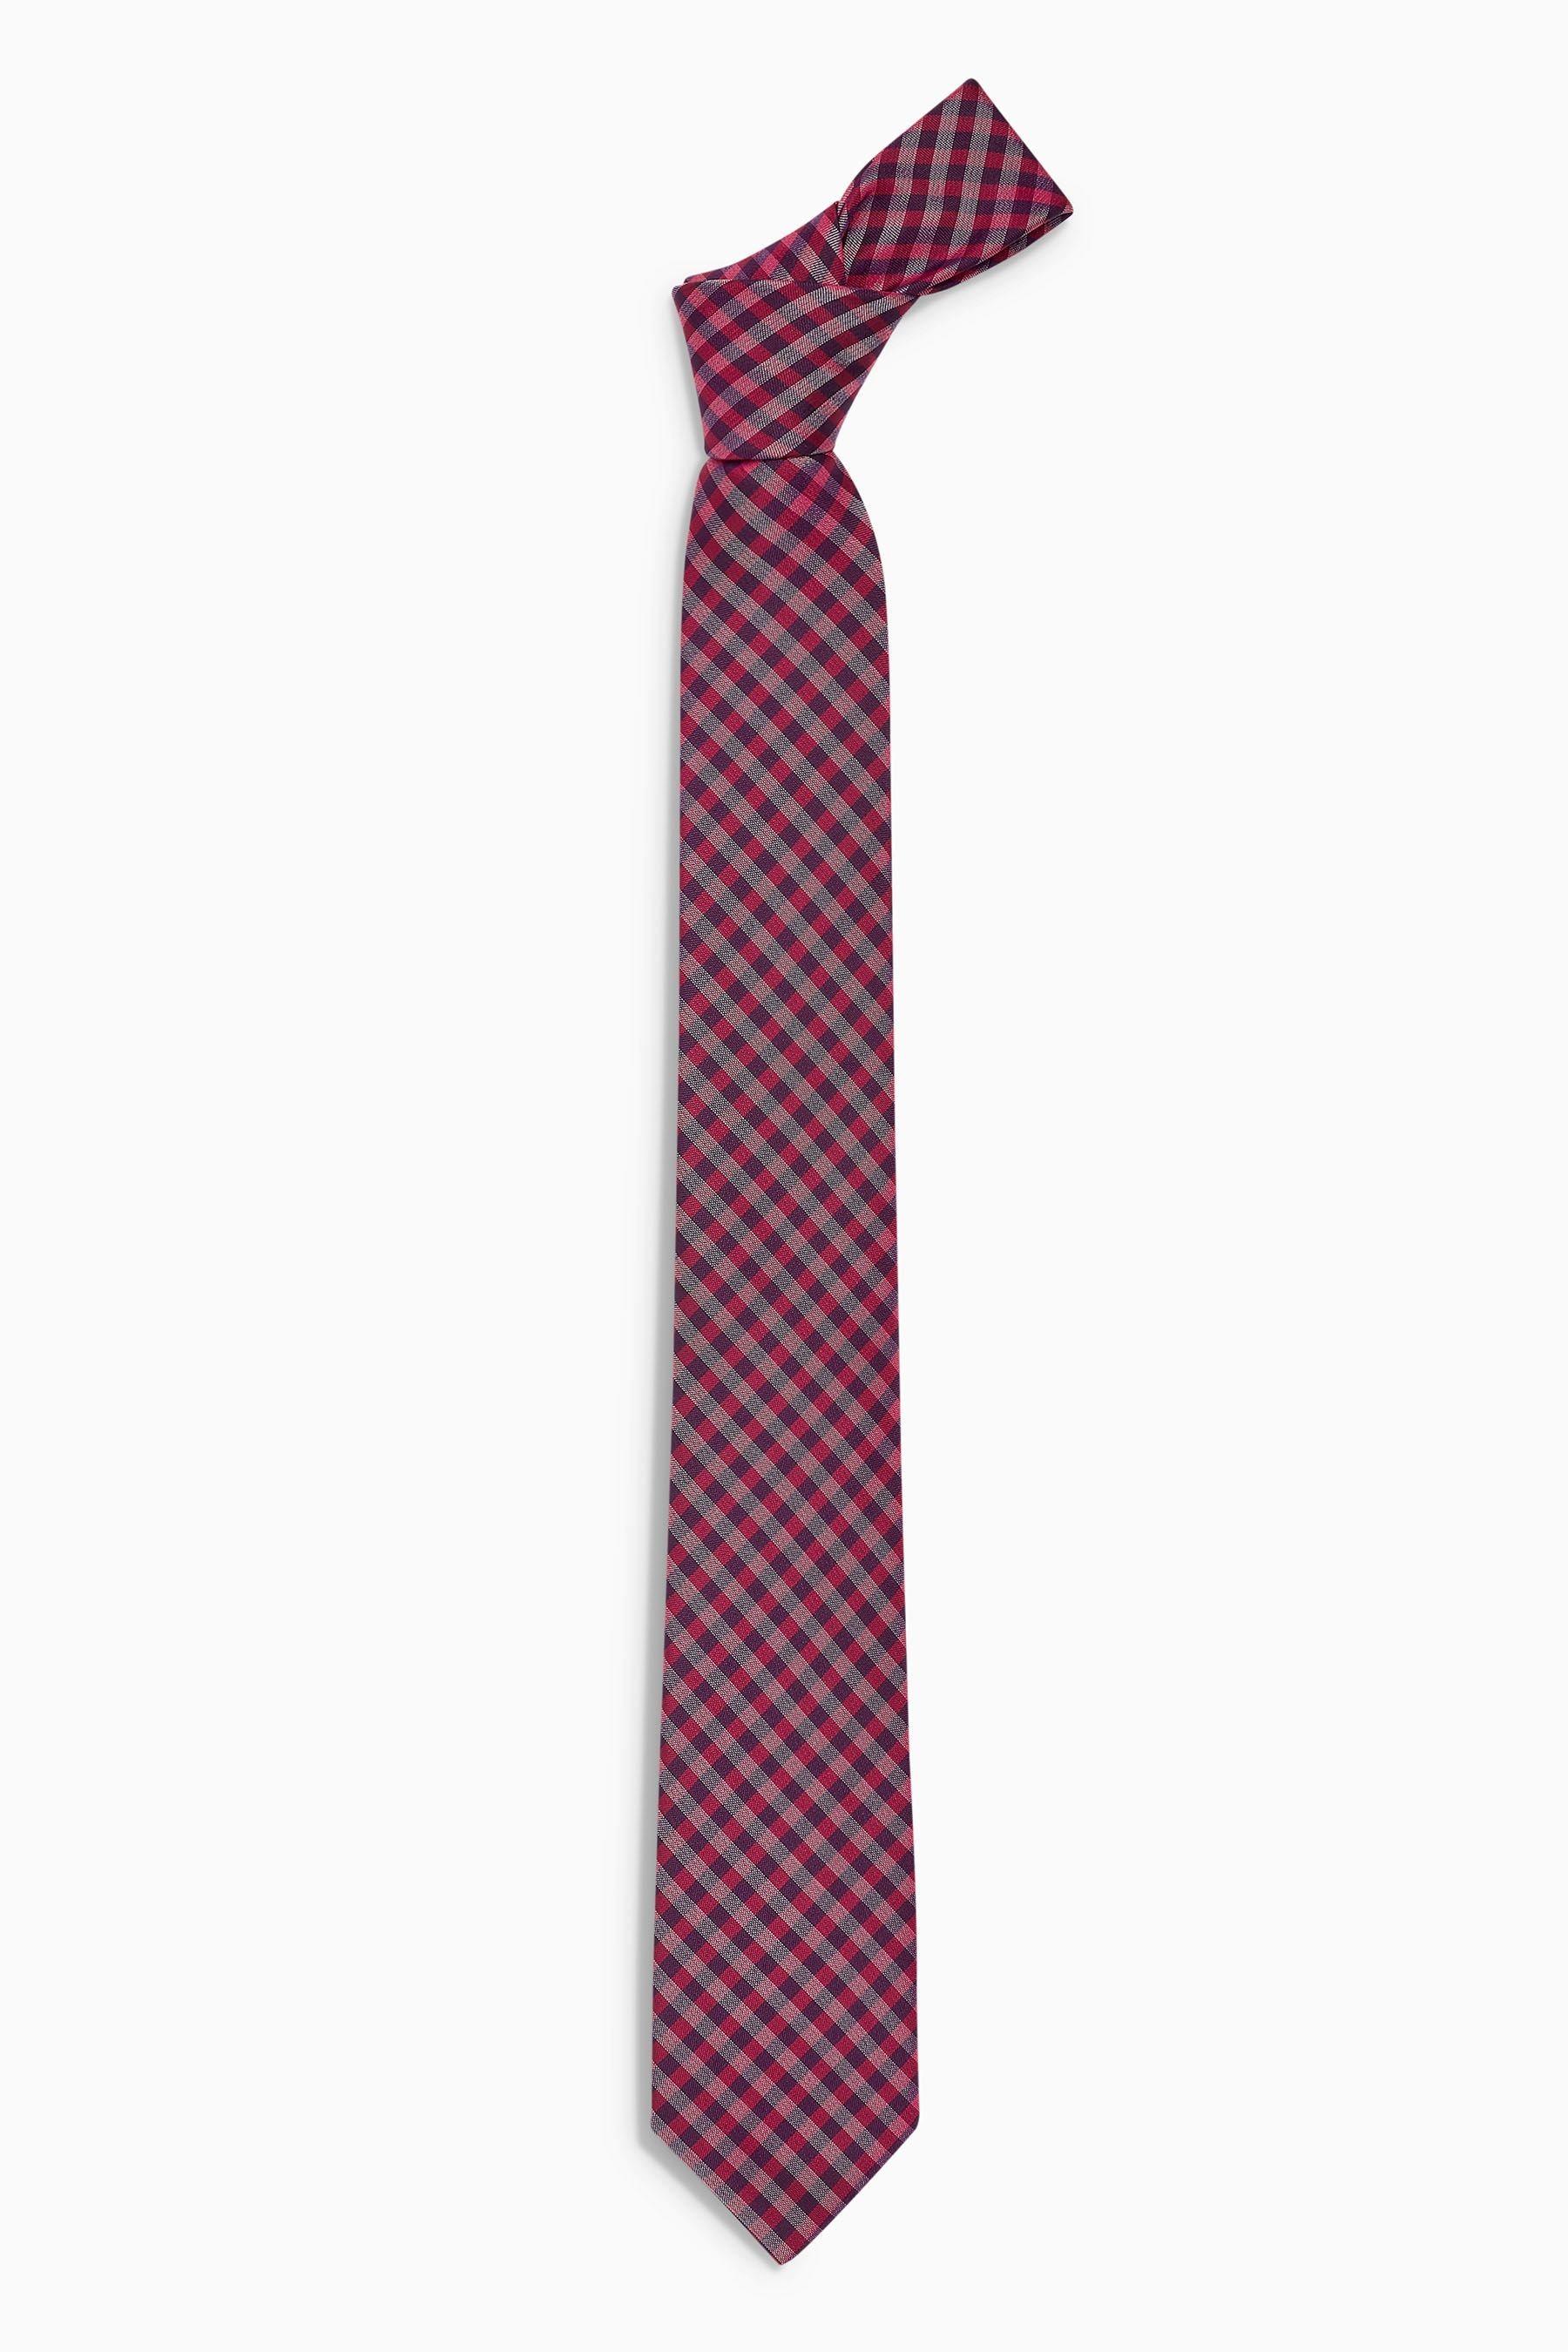 Next Krawatte mit Vichykaros | Accessoires > Krawatten > Sonstige Krawatten | Next